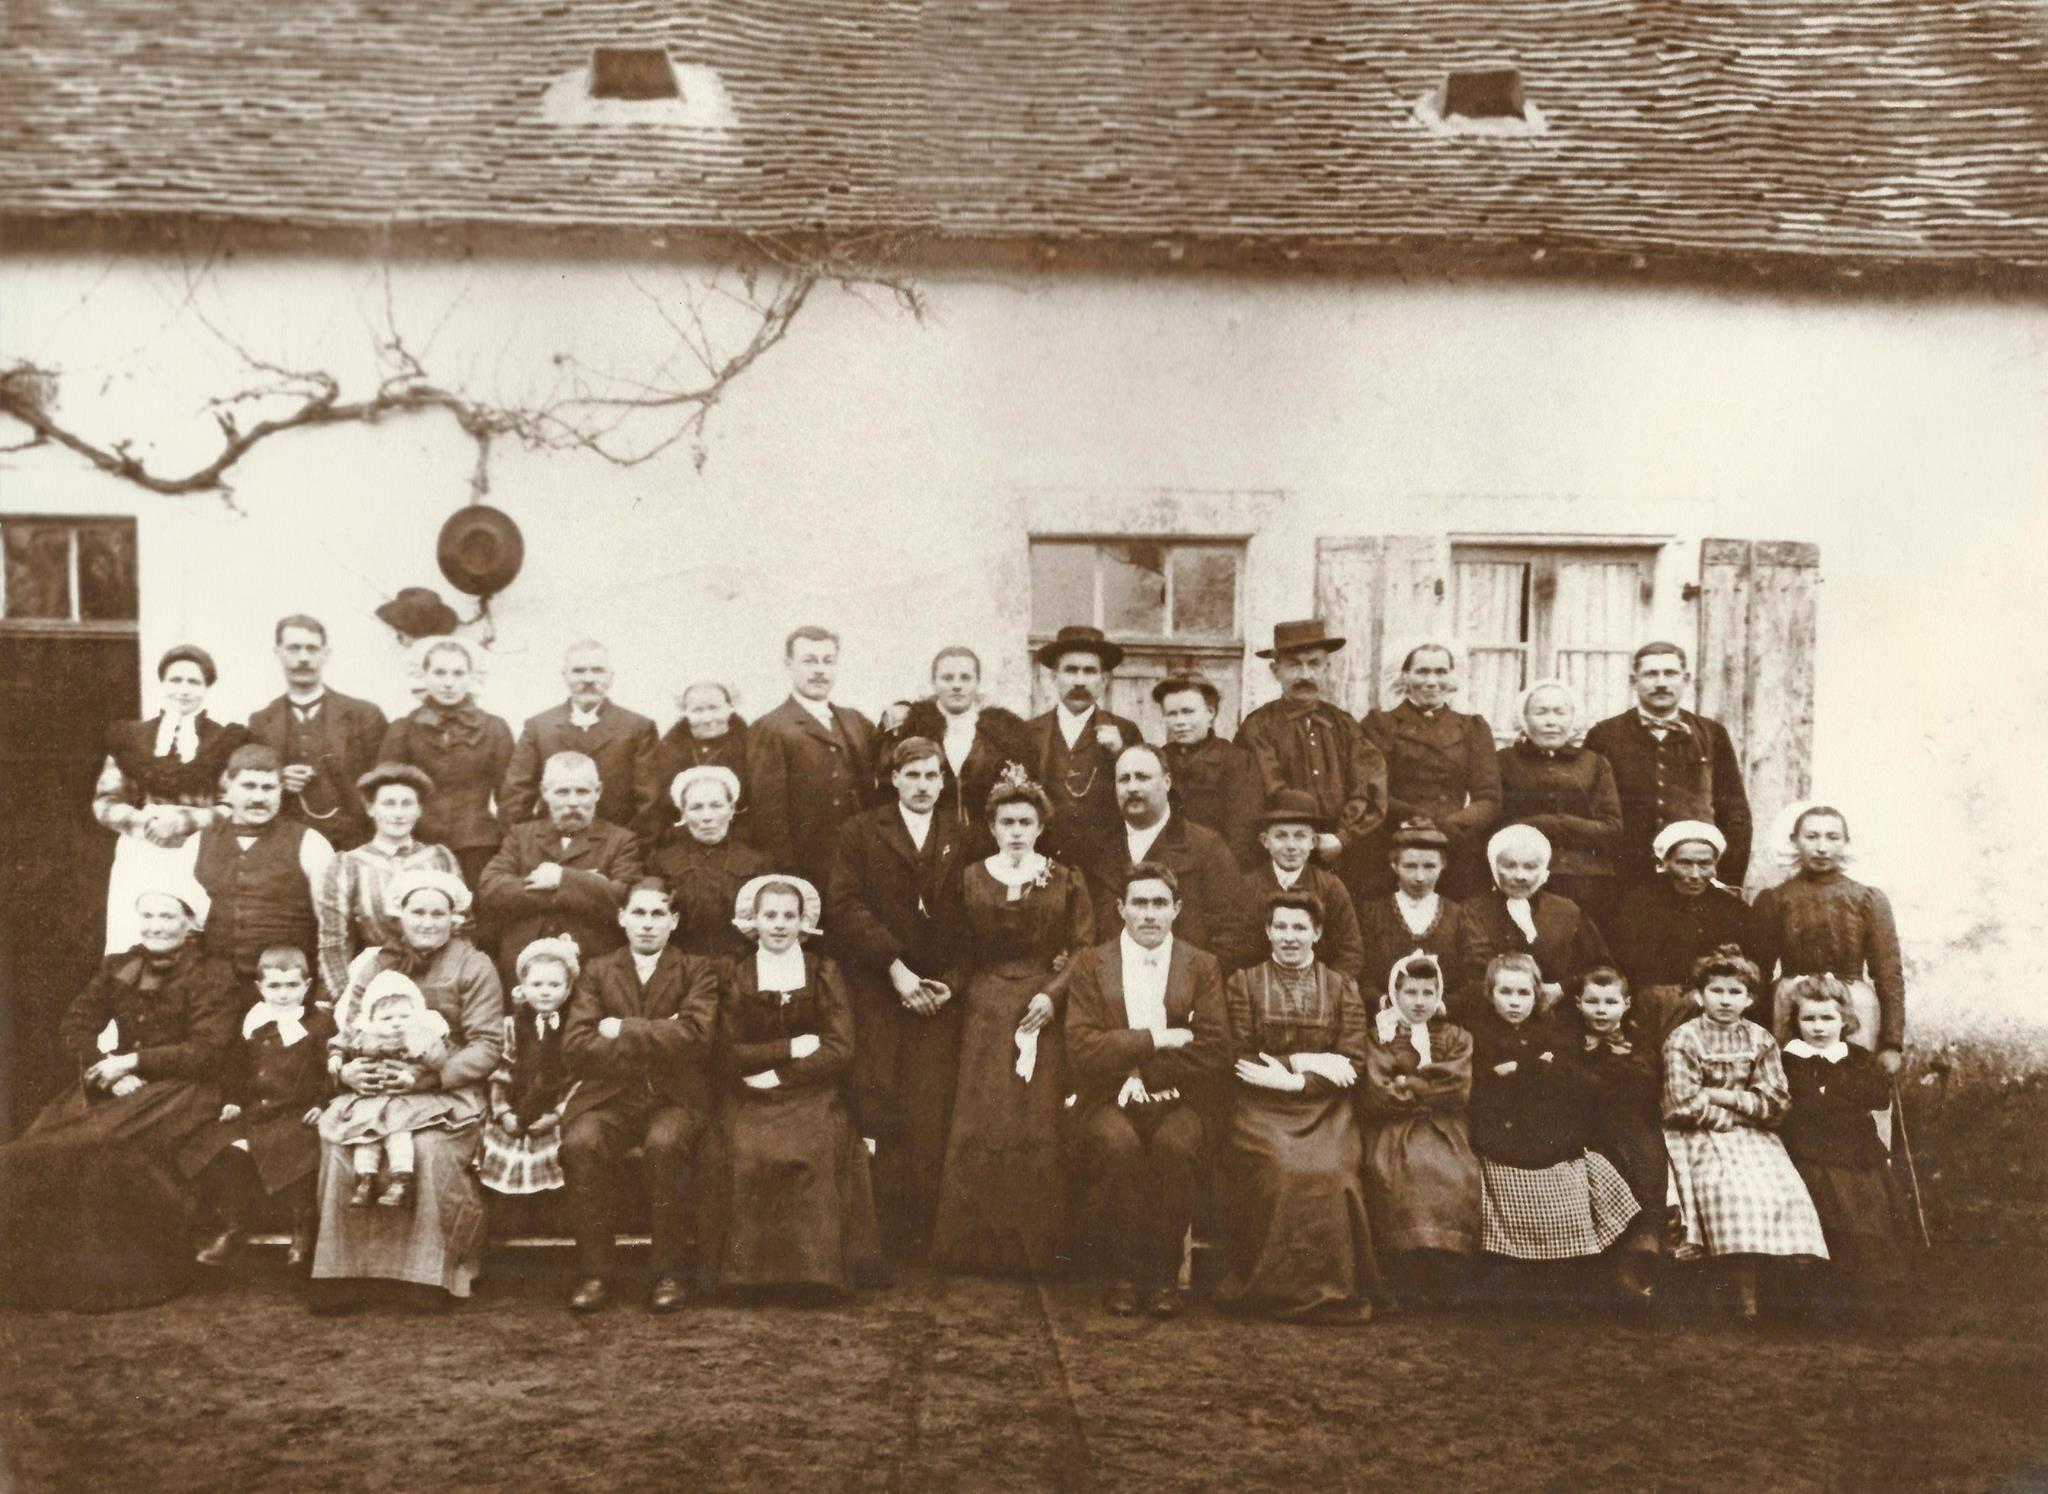 Ballon - Mariage - LEVEAU Eugène, Louis et JARDIN Marguerite, Louise - 23 janvier 1911 - Vue 01 (Evelyne Wilden)